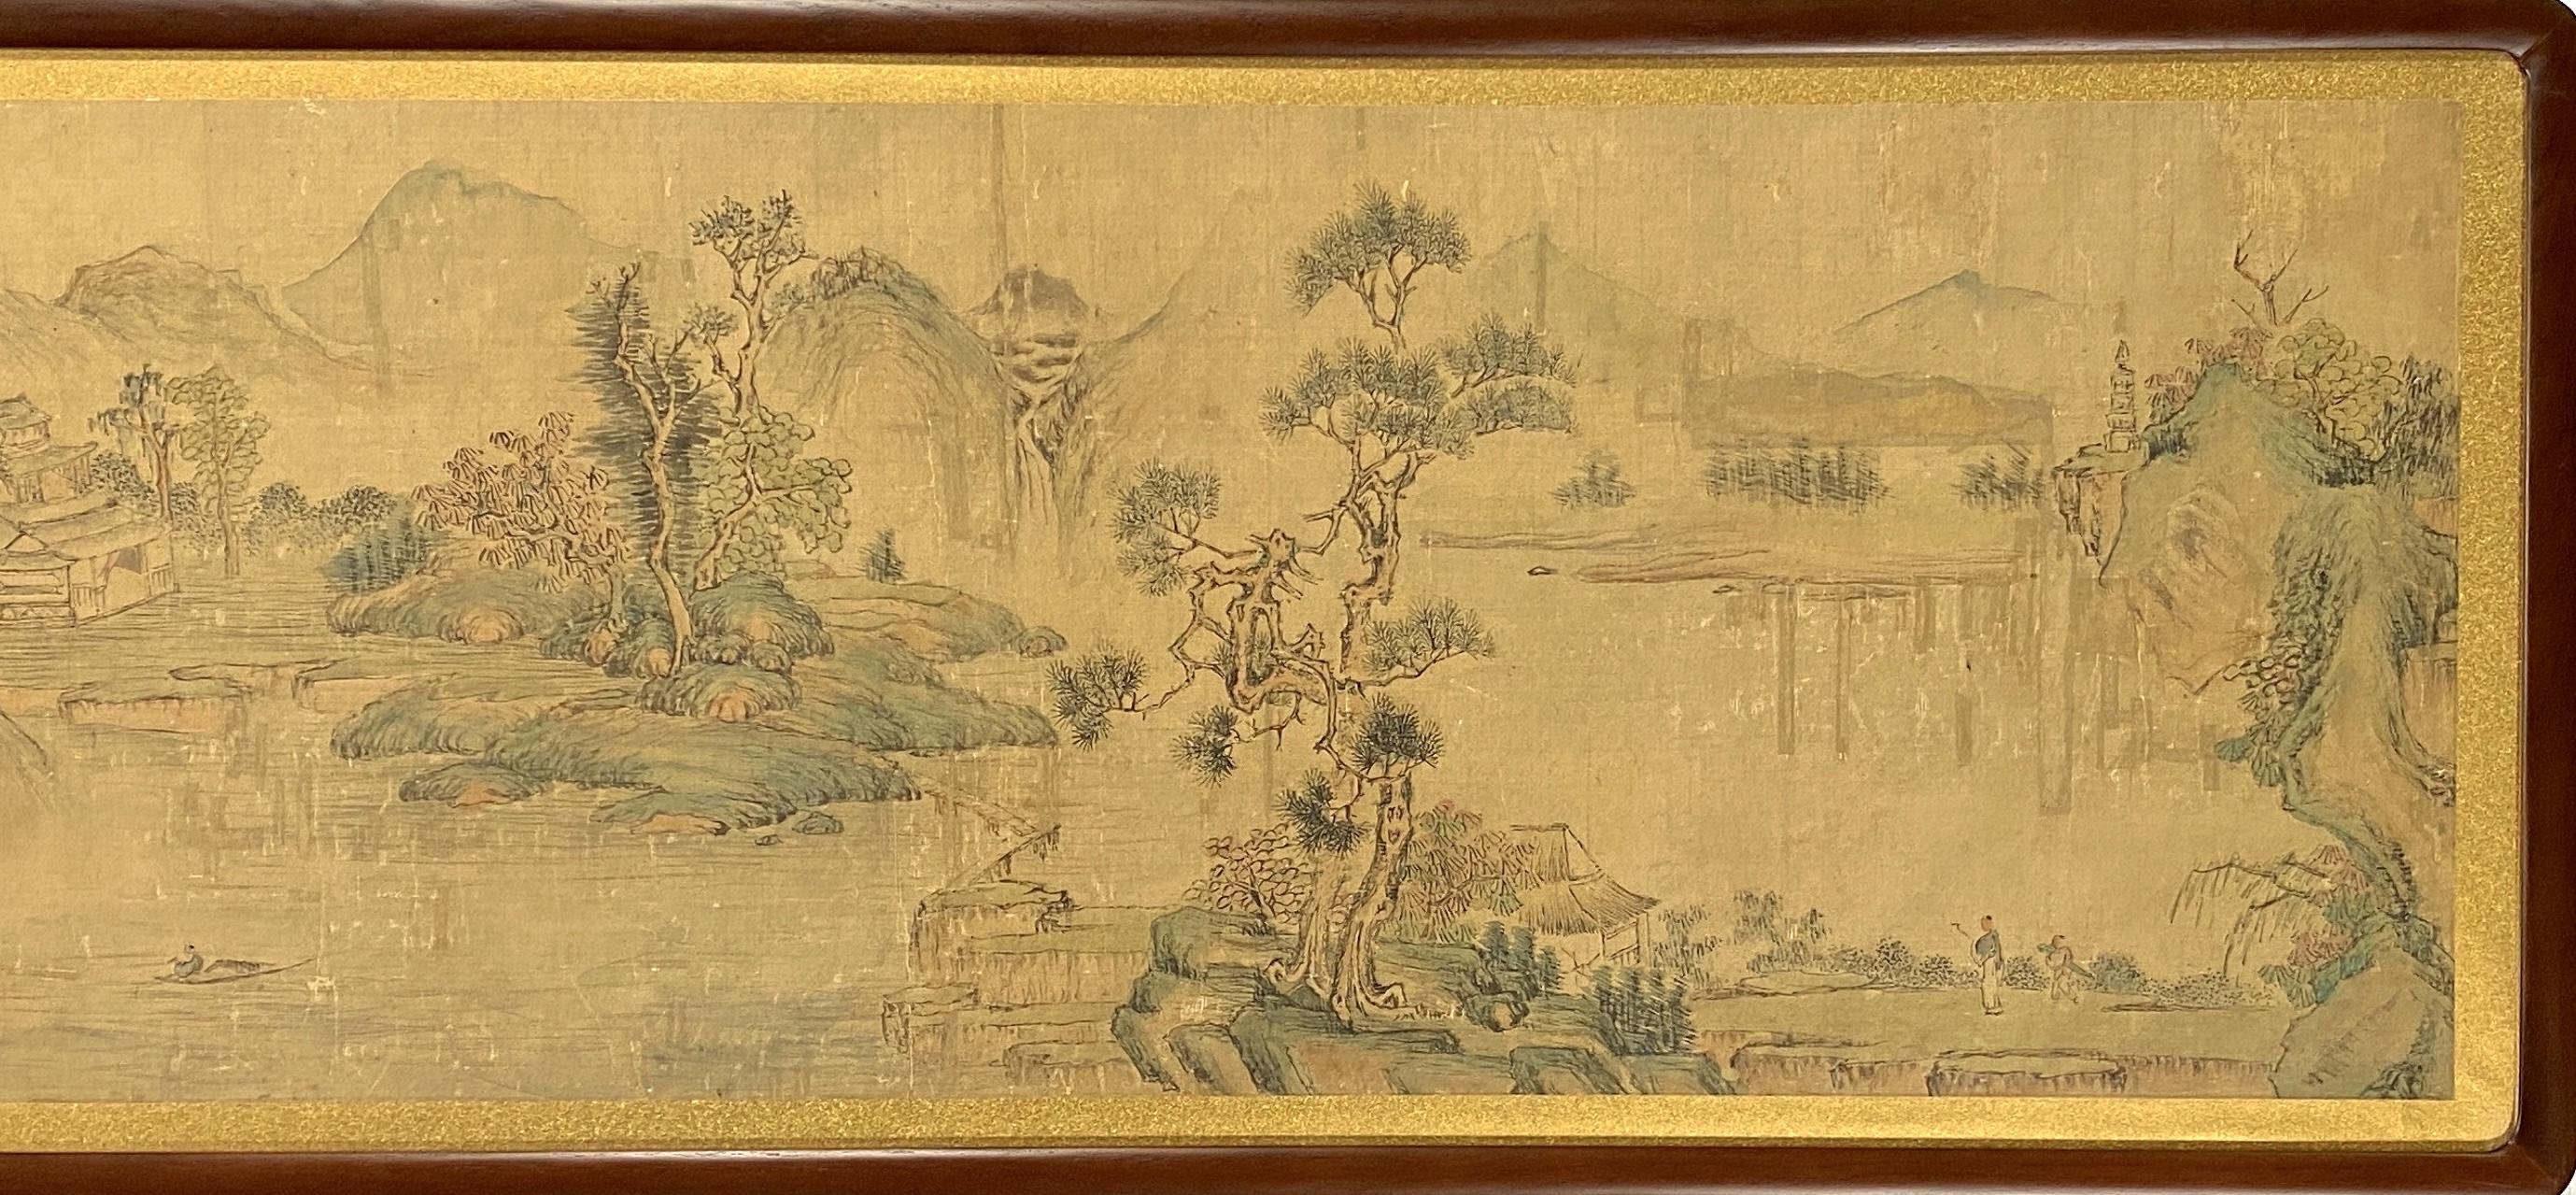 20628「程嘉◆」画 山水図 横額32×191cm